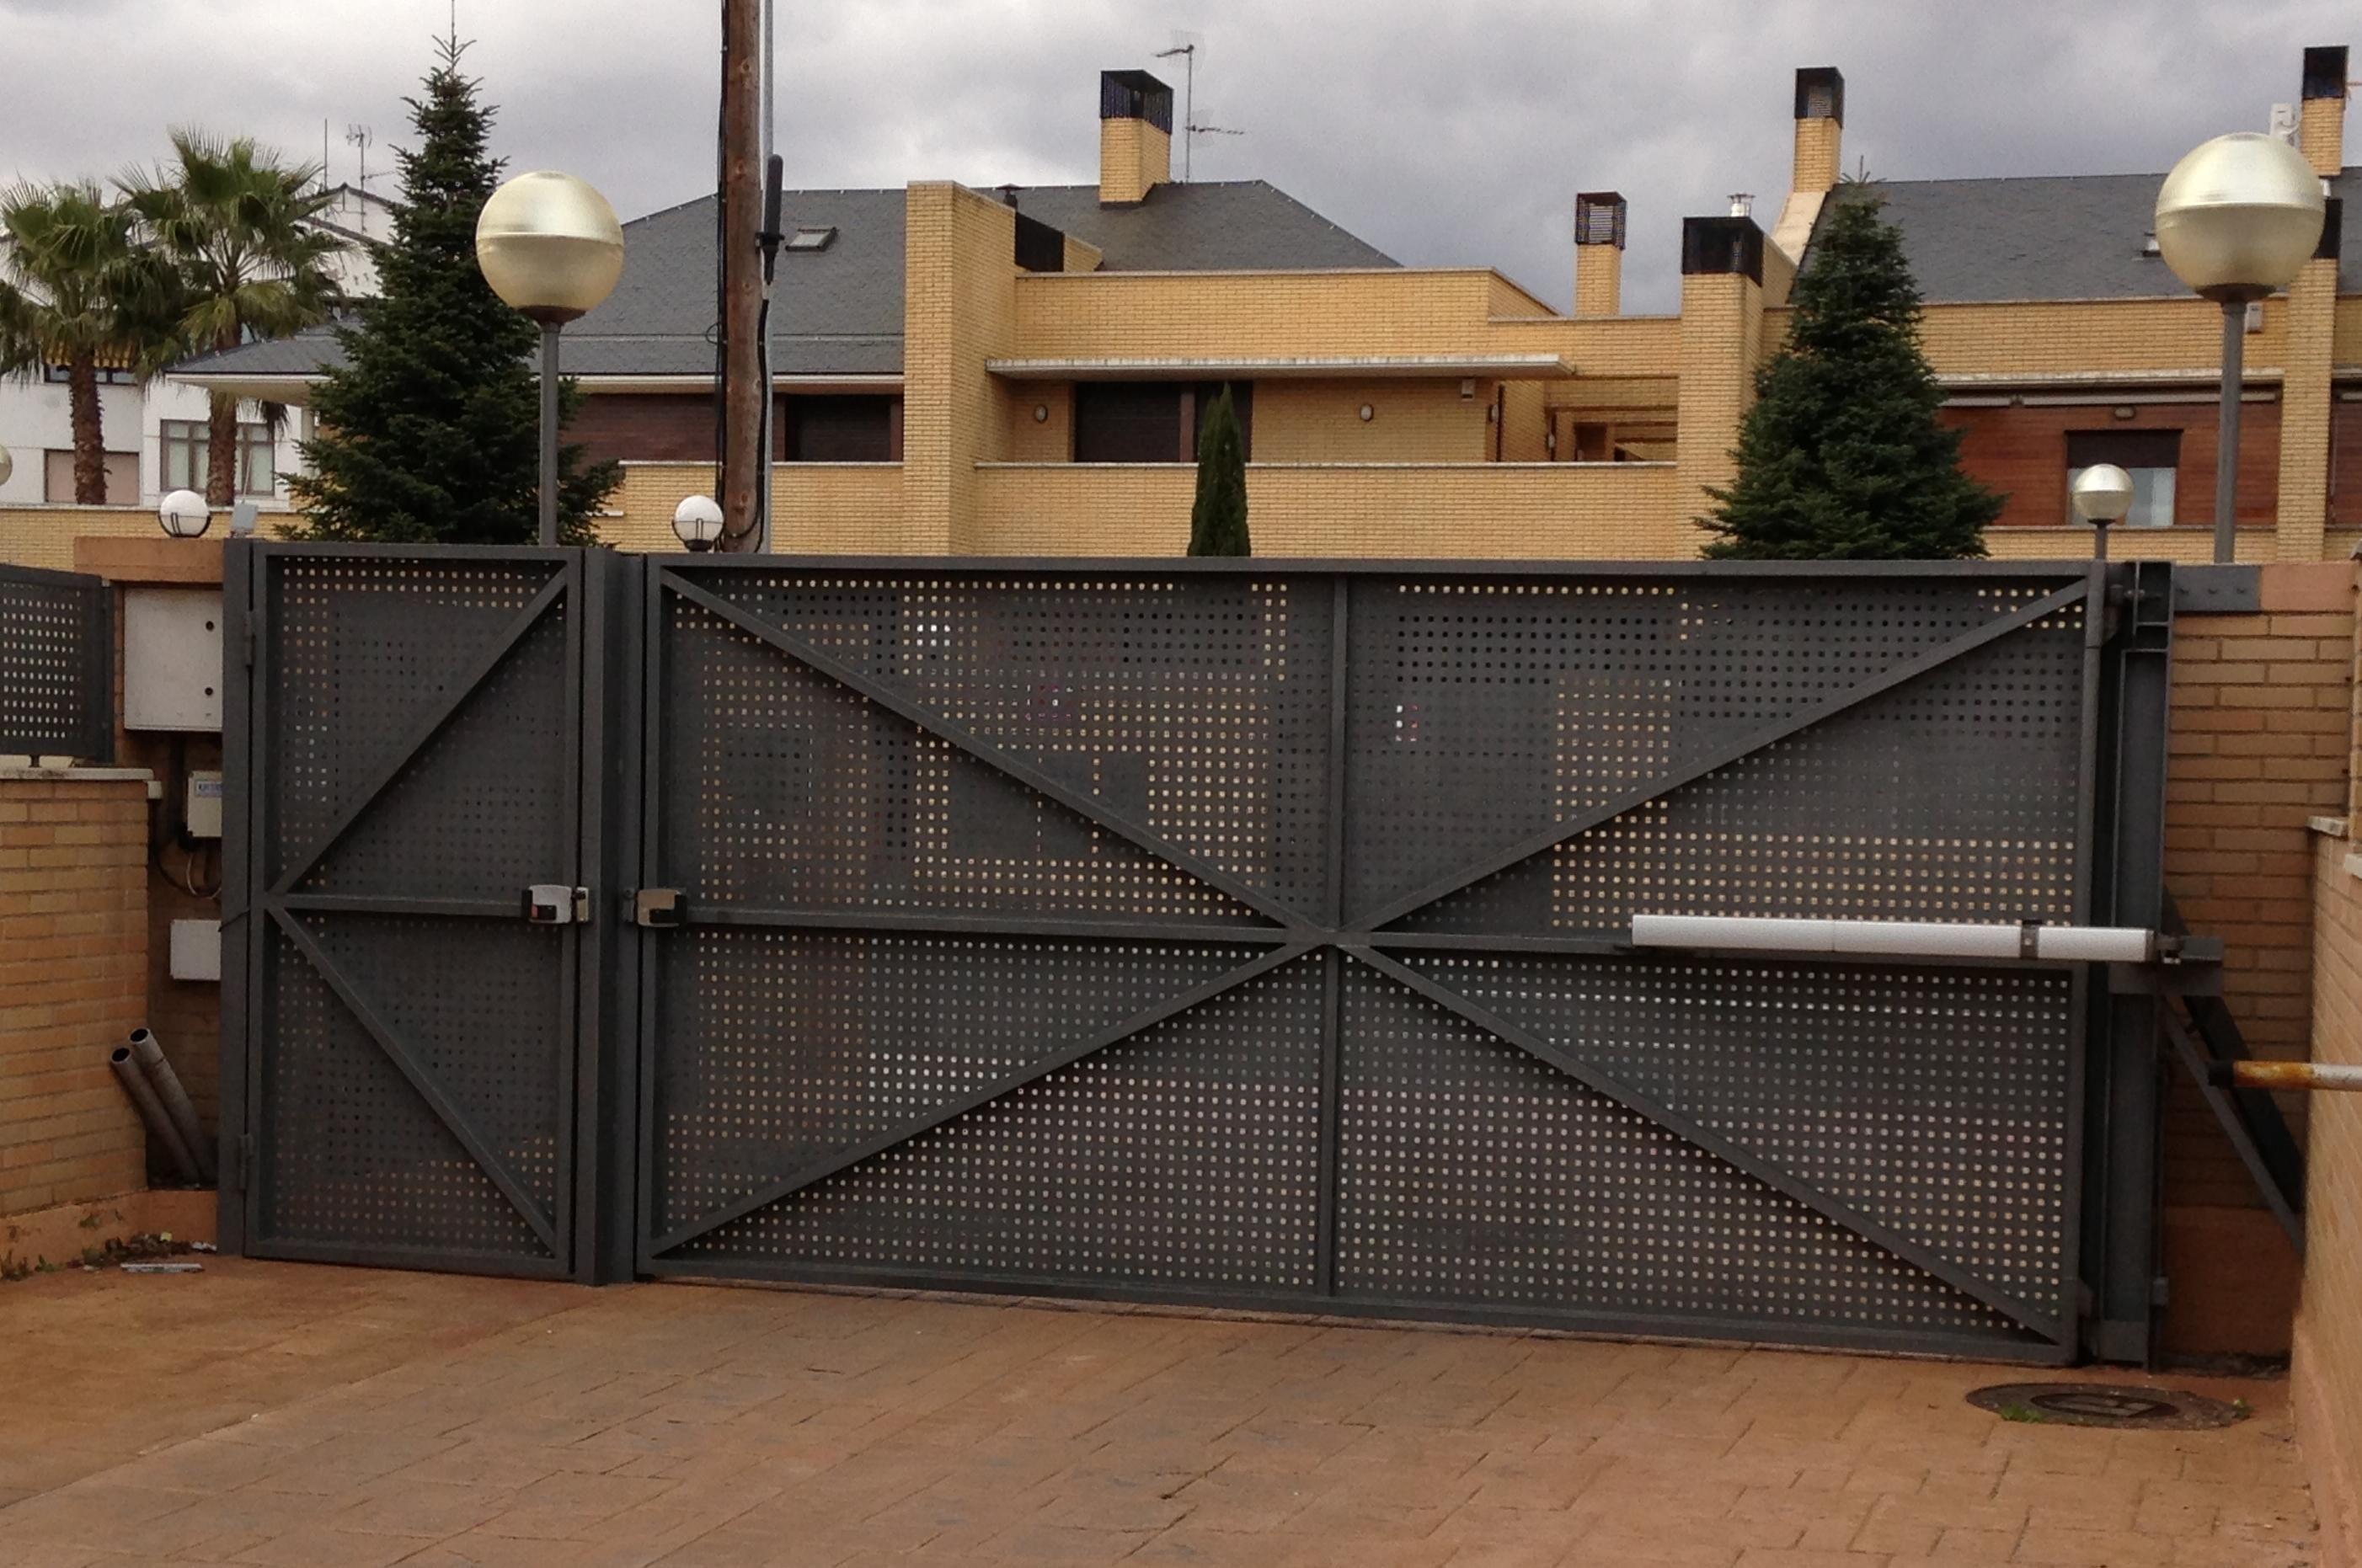 Las puertas autom ticas en logro o para su negocio las - Puertas automaticas en murcia ...